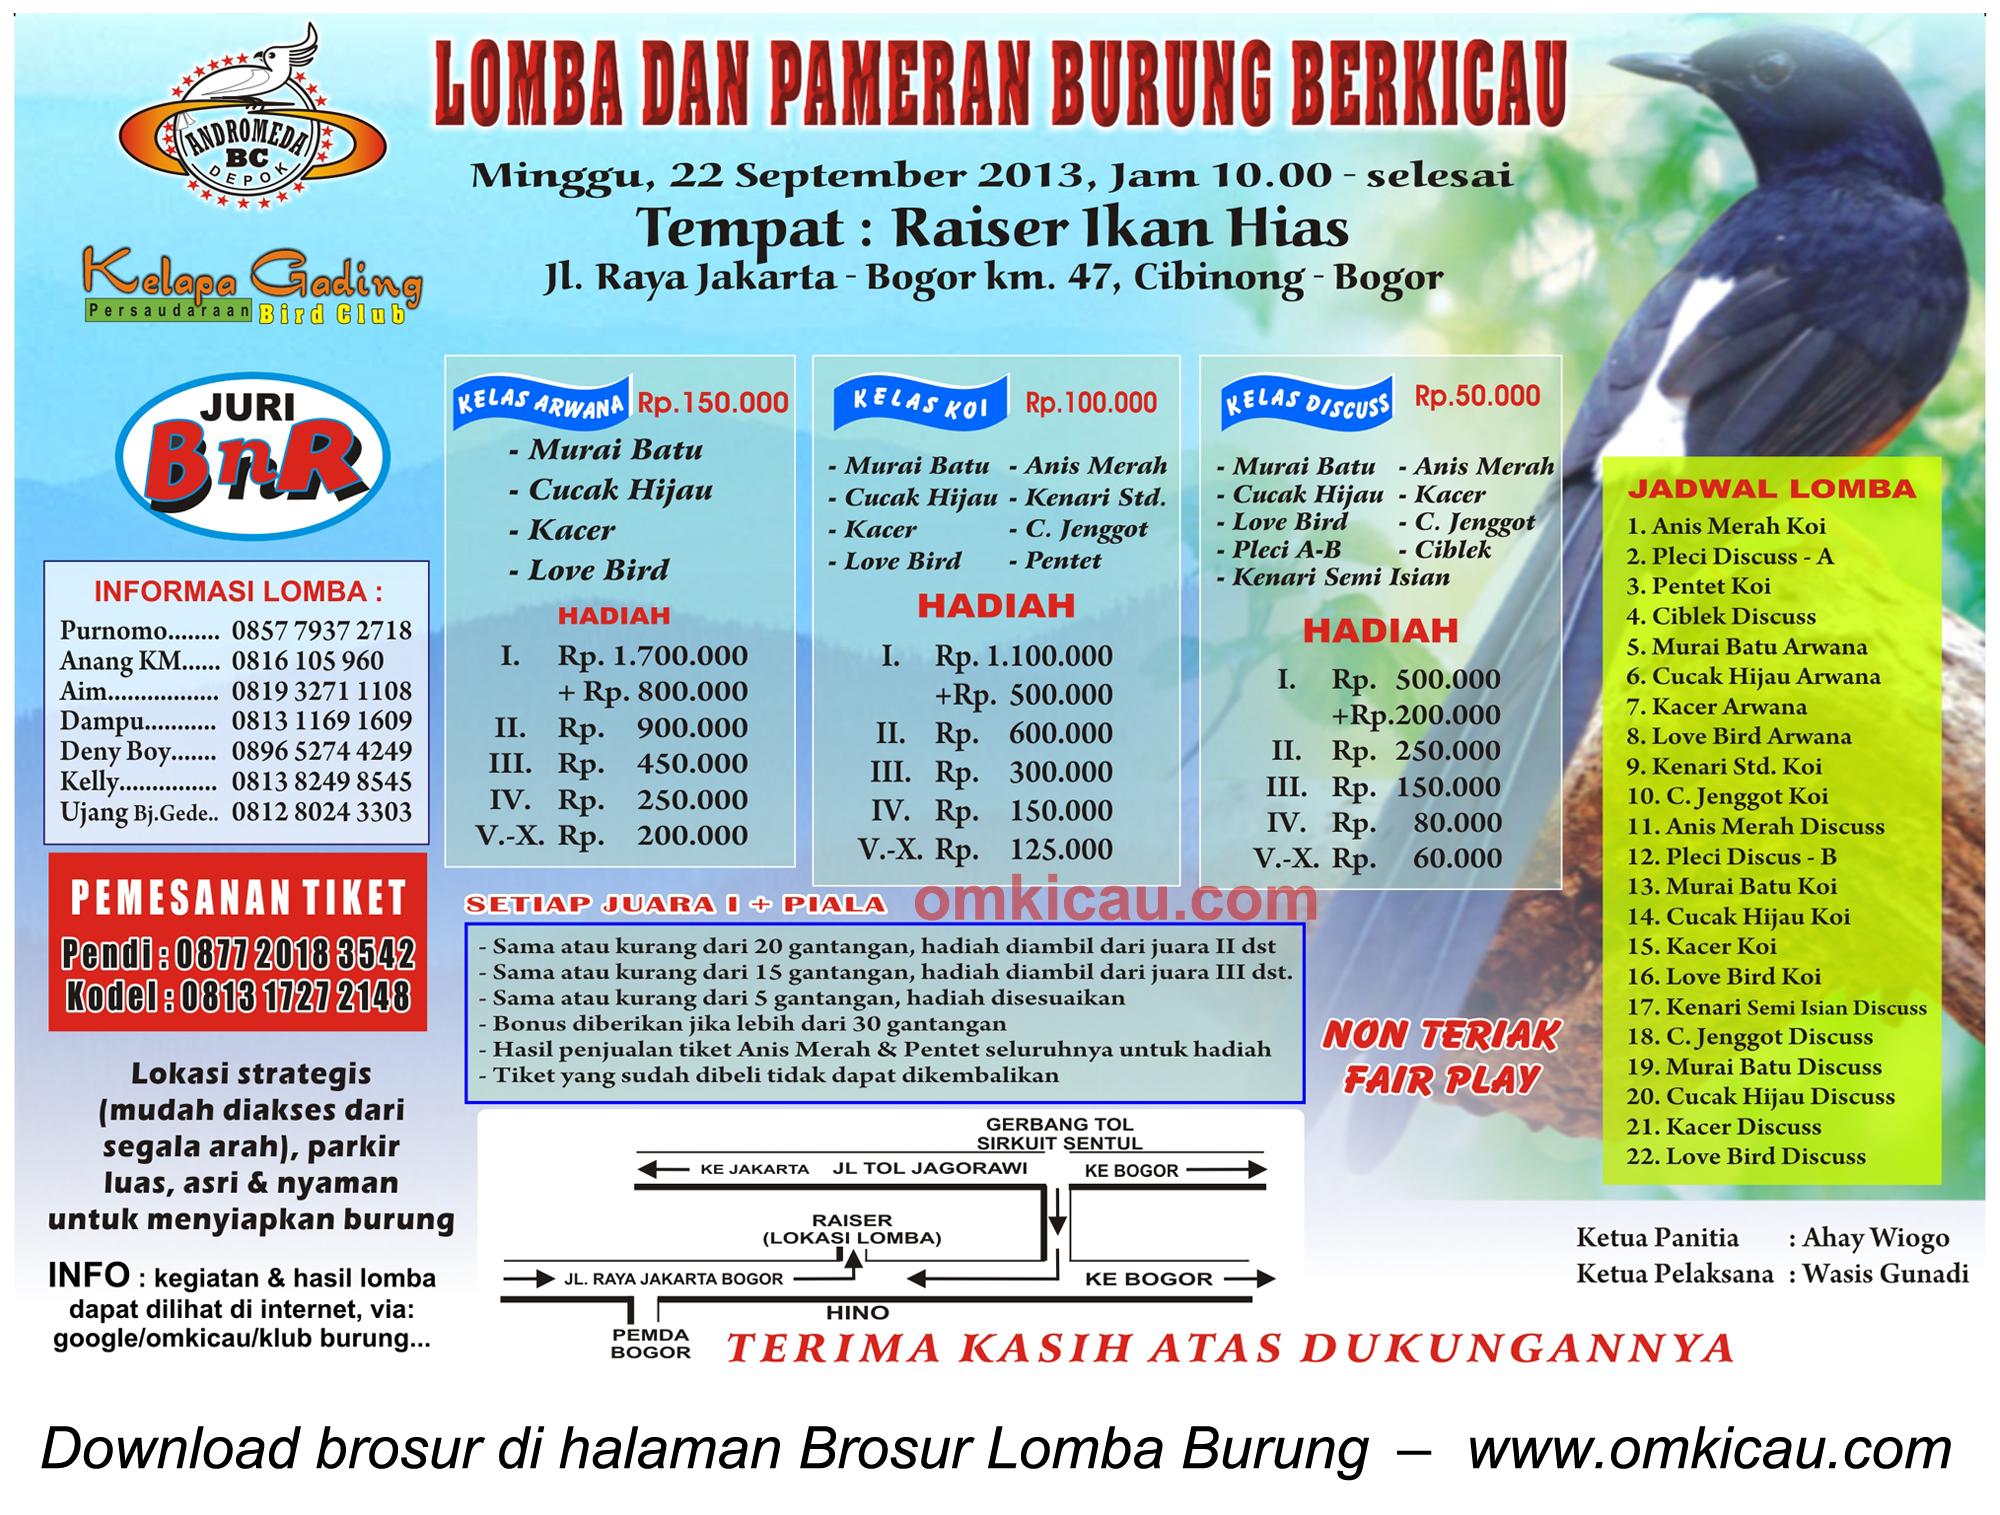 Brosur Lomba Burung Raiser Cibinong, Bogor, 22 Sept 2013